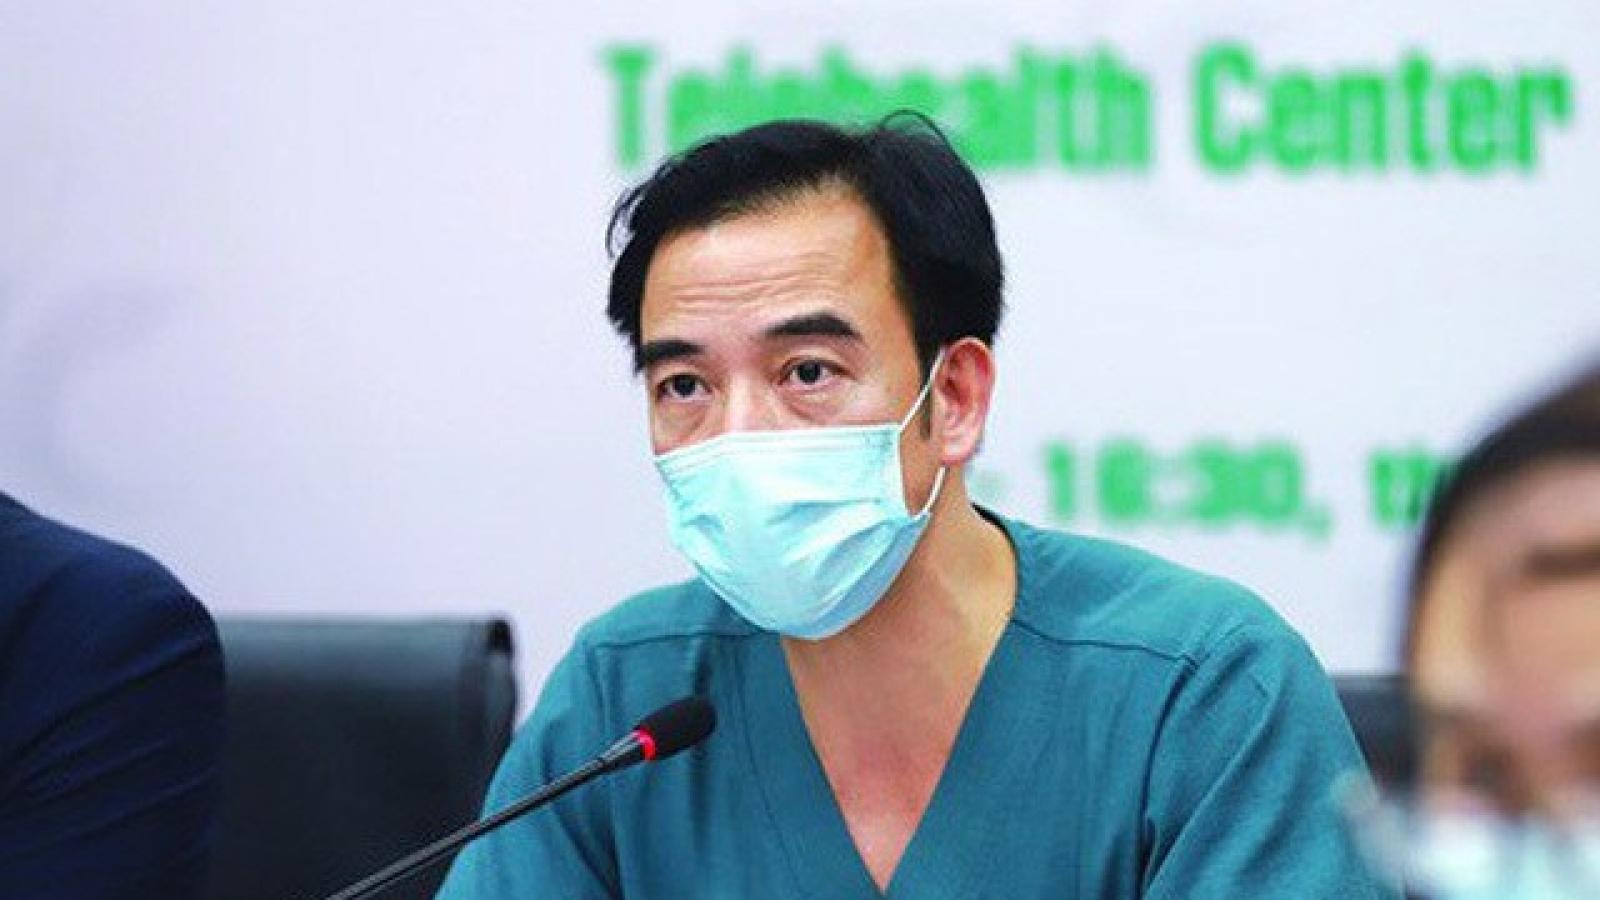 Bác sĩ Nguyễn Quang Tuấn, đã đành, ông là một chuyên gia giỏi!